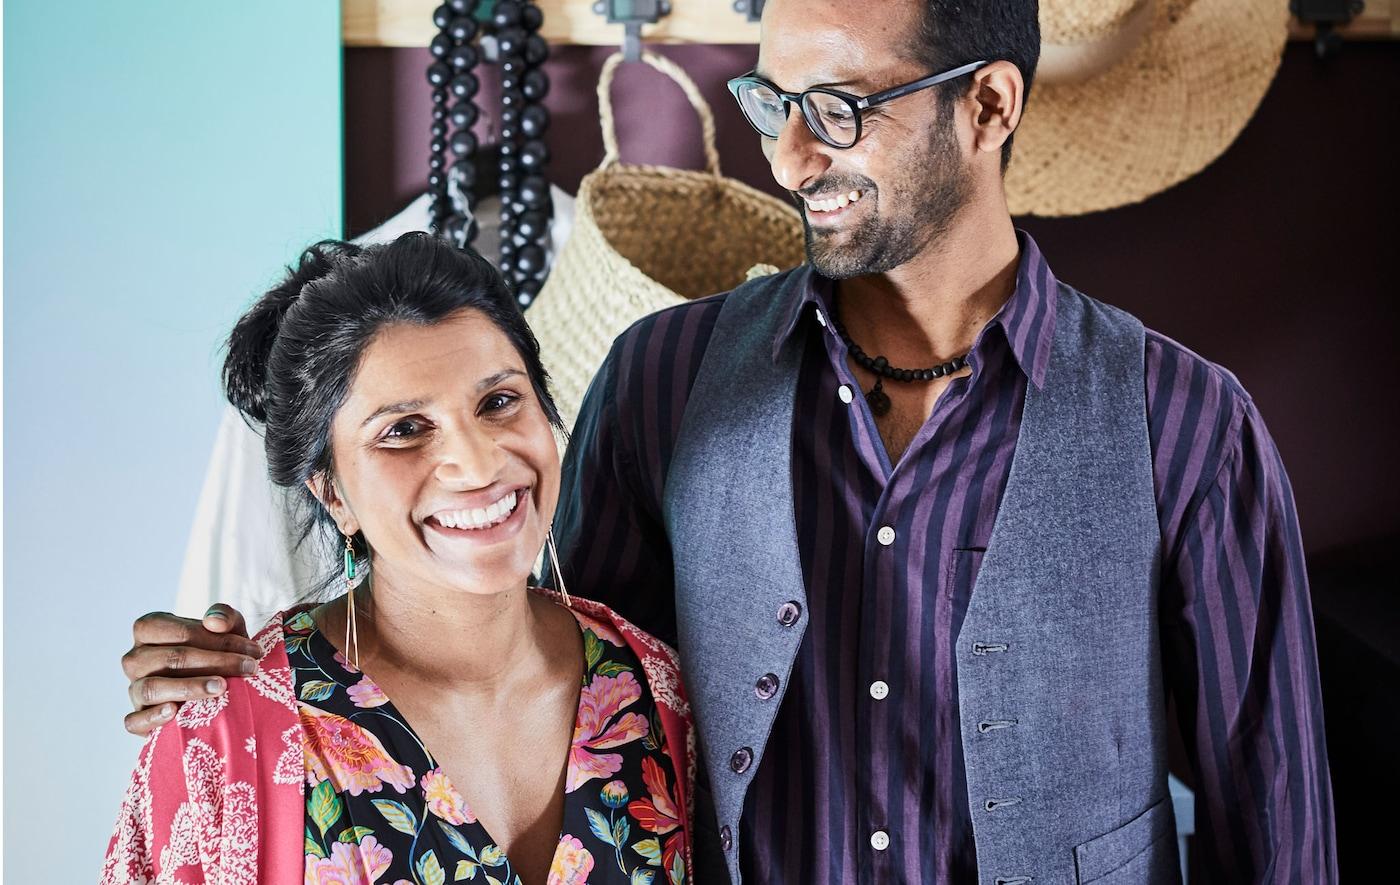 Hombre y mujer de treinta y tantos, sonrientes y cariñosos entre sí, con ropa y accesorios en un perchero tras ellos.